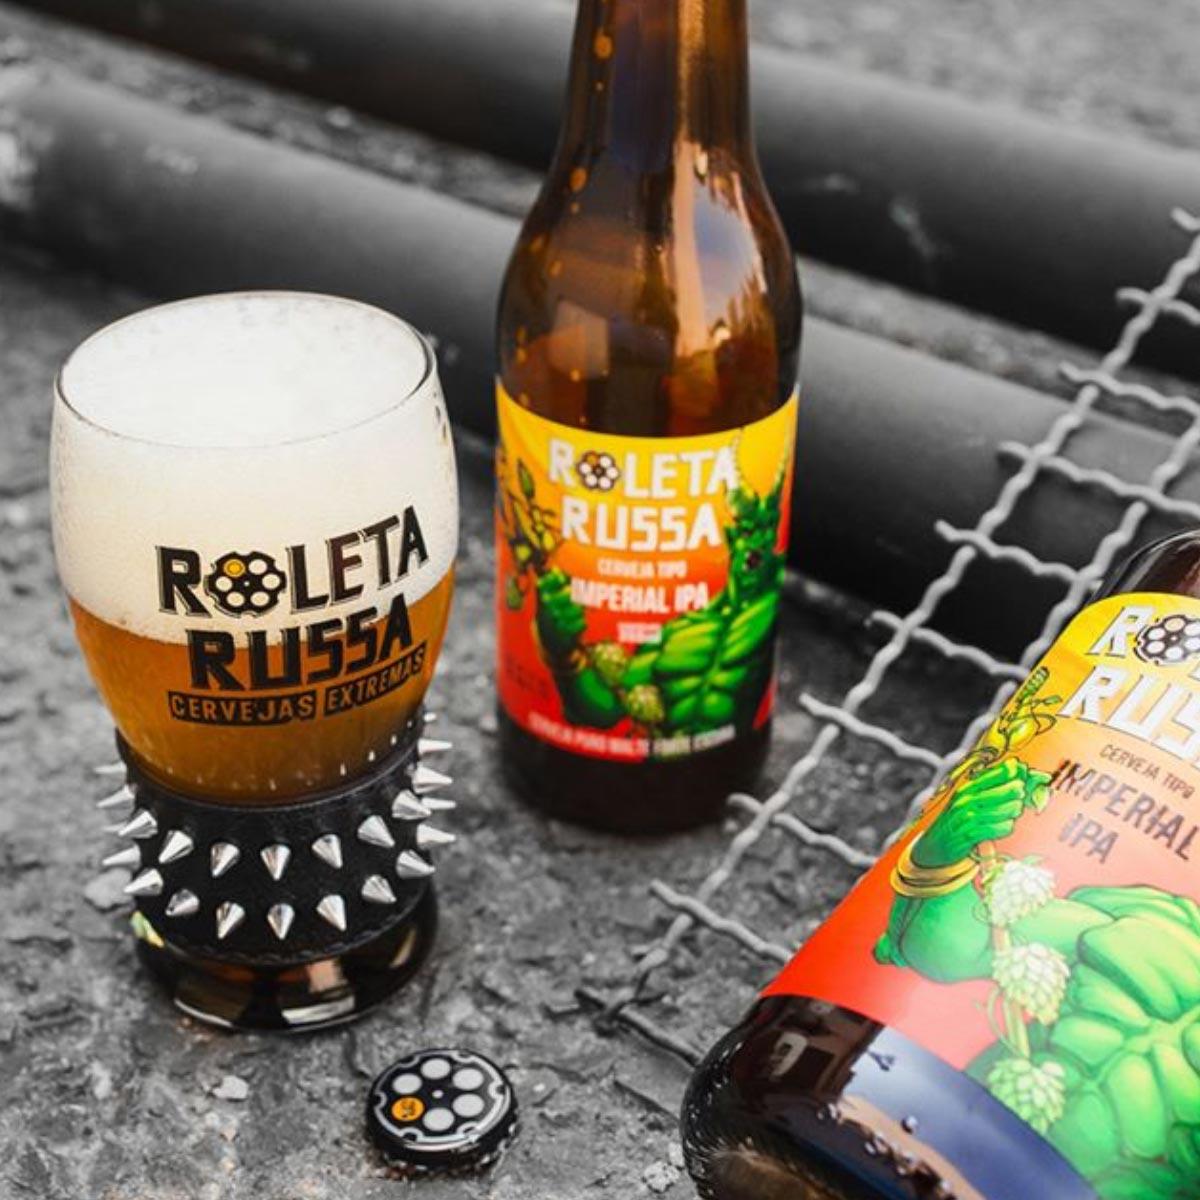 Kit Roleta Russa 6 cervejas 355 ml + copo 320 ml com pulseira